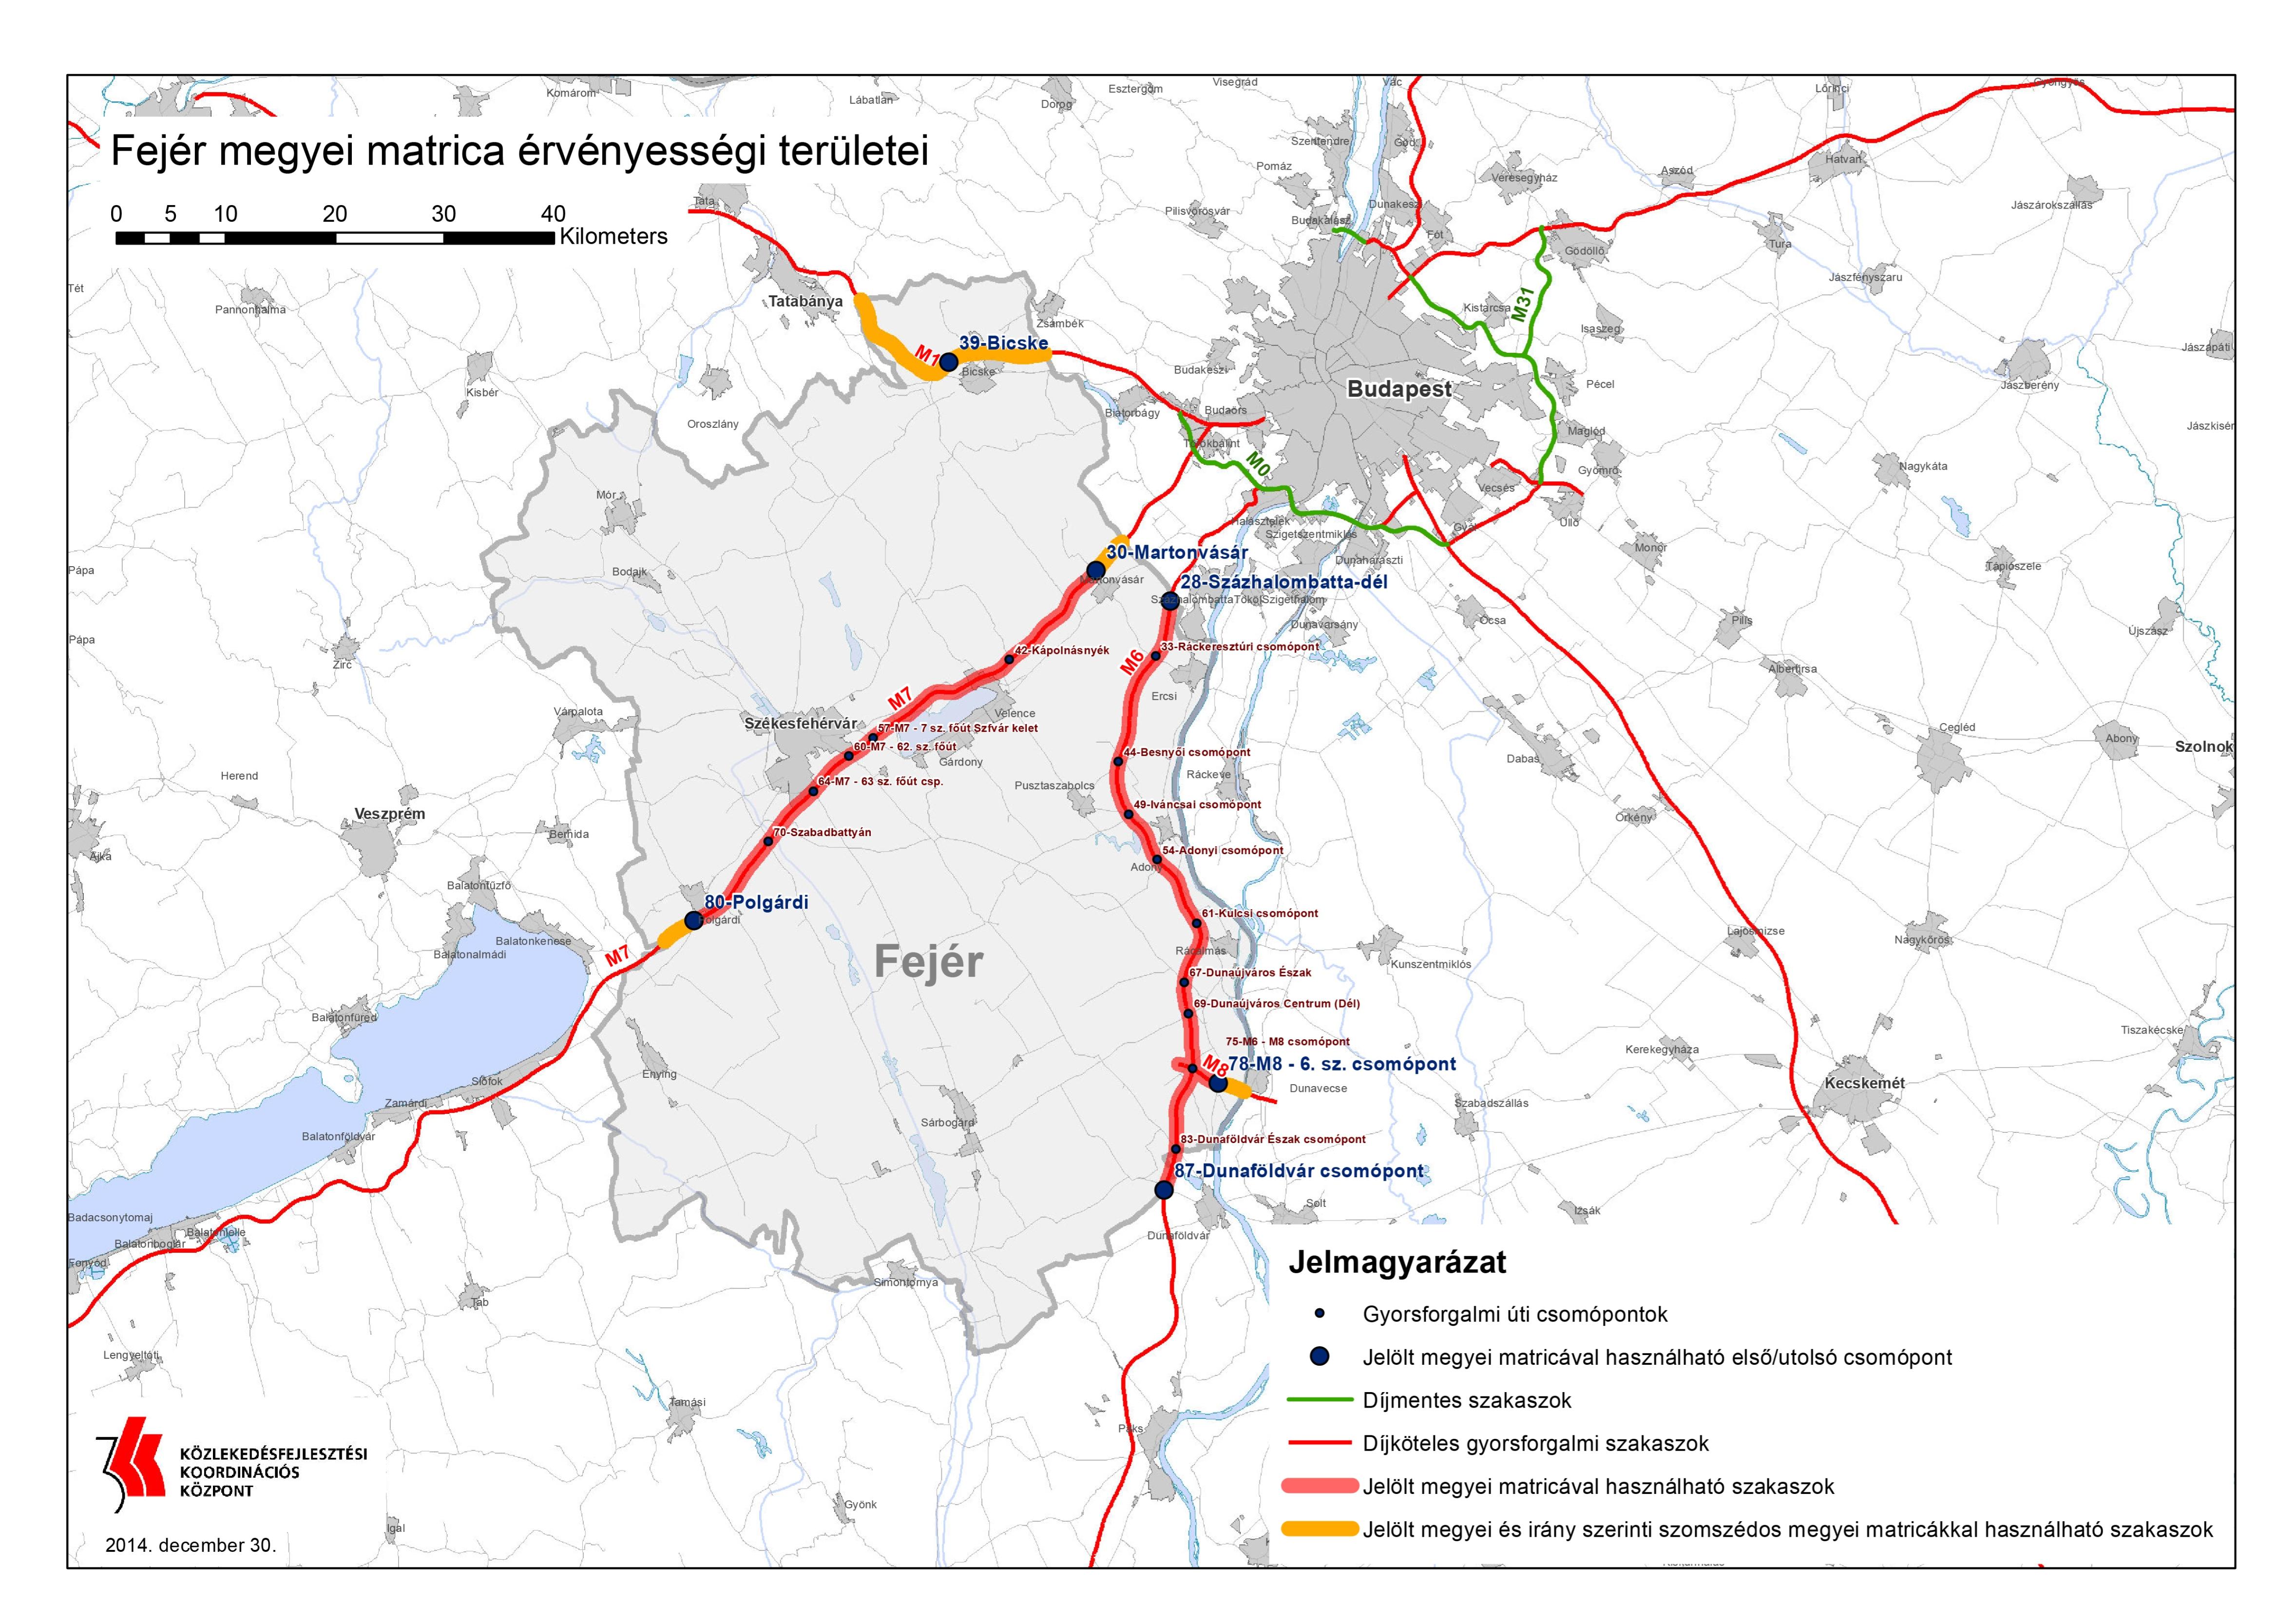 budapest megyei matrica térkép Fizetőssé váltak a gyorsforgalmi utak | Dunaújváros Online budapest megyei matrica térkép